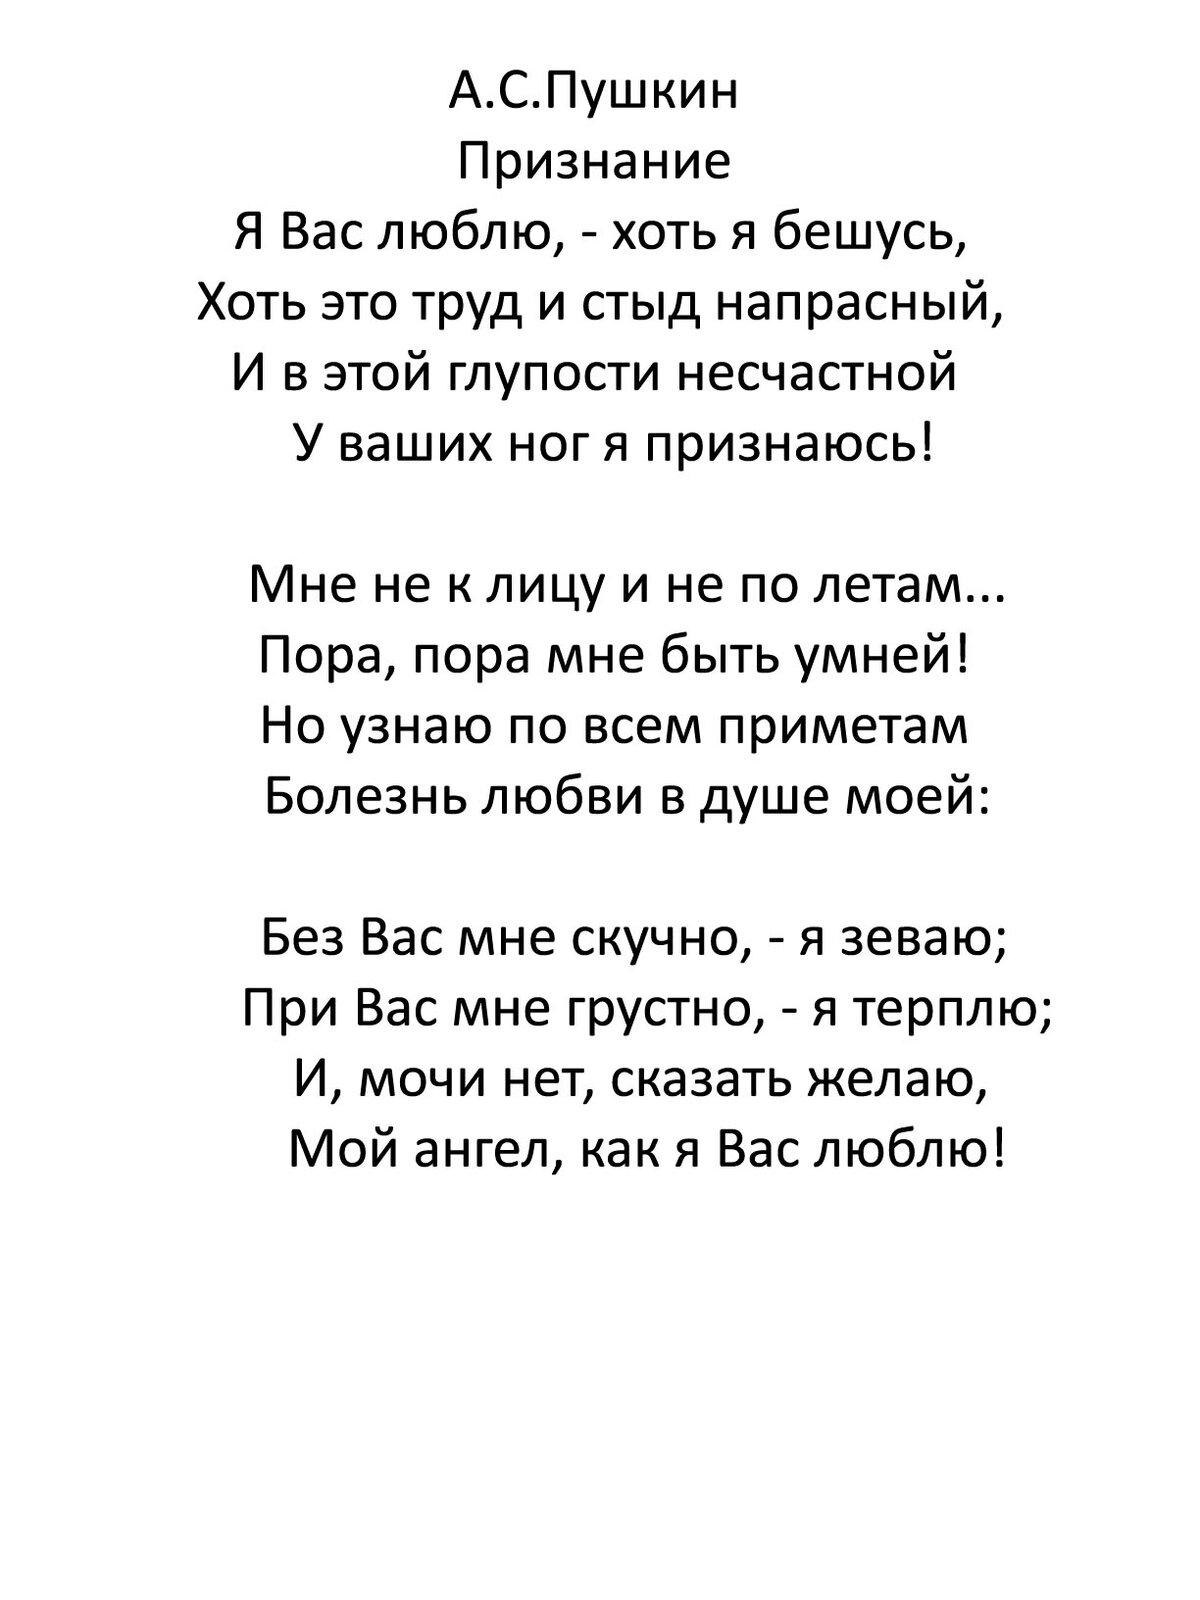 некоторые самые лучшие стихи в мире топ амбросио одна самых